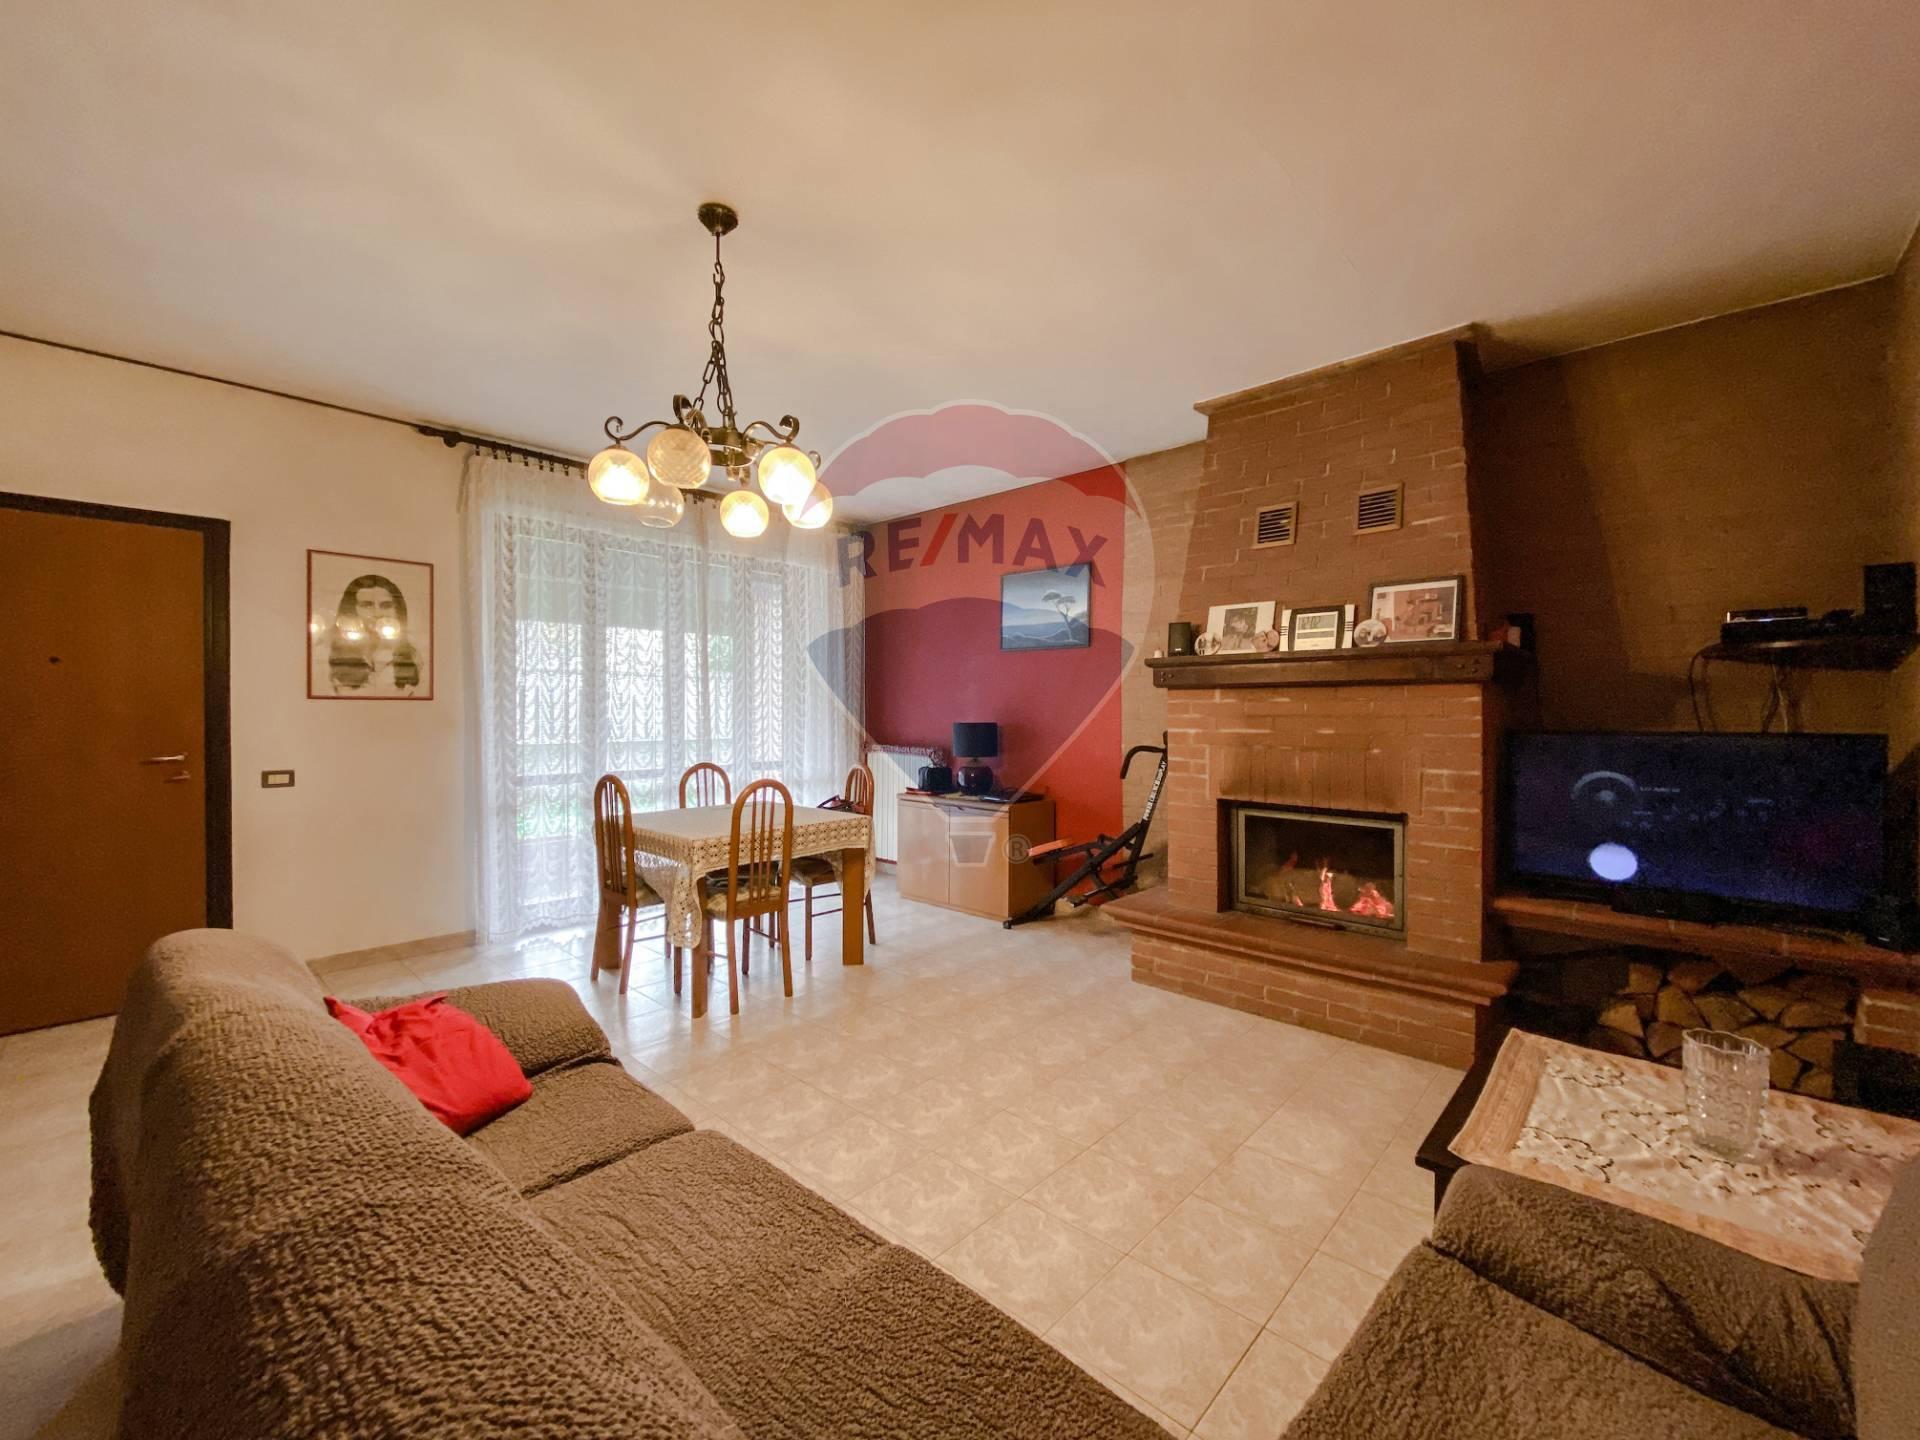 Soluzione Indipendente in vendita a Castelnovetto, 4 locali, prezzo € 175.000 | CambioCasa.it